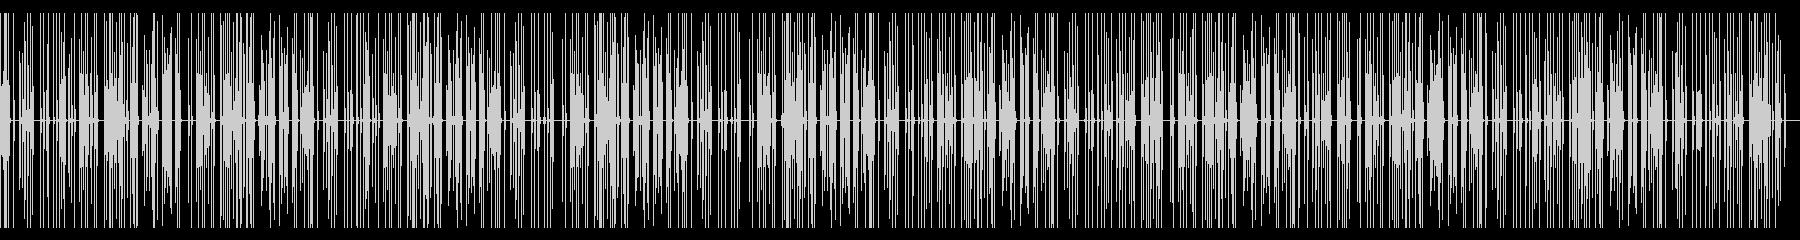 キーボード_タイピング音の未再生の波形